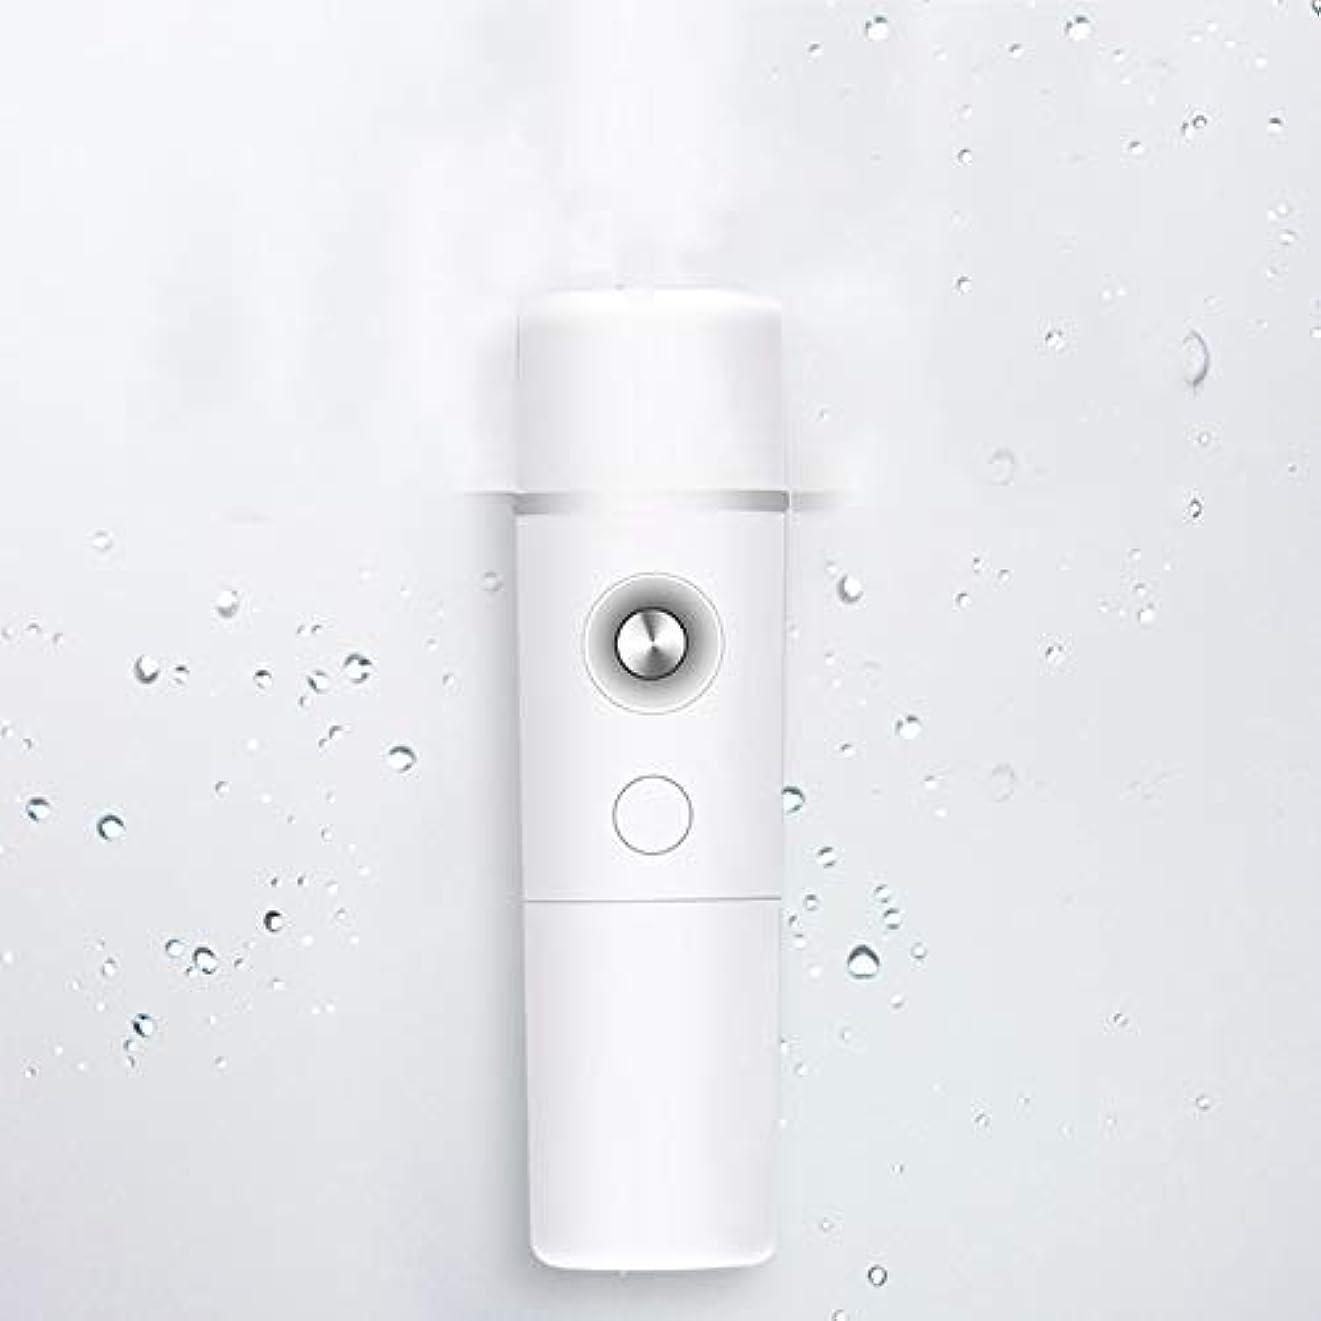 対応する普通に急性ZXF ナノスプレー水和機器スチームフェイスコールドスプレー美容機器ポータブル保湿フェイシャルフェイシャル加湿機器バッテリーホワイト 滑らかである